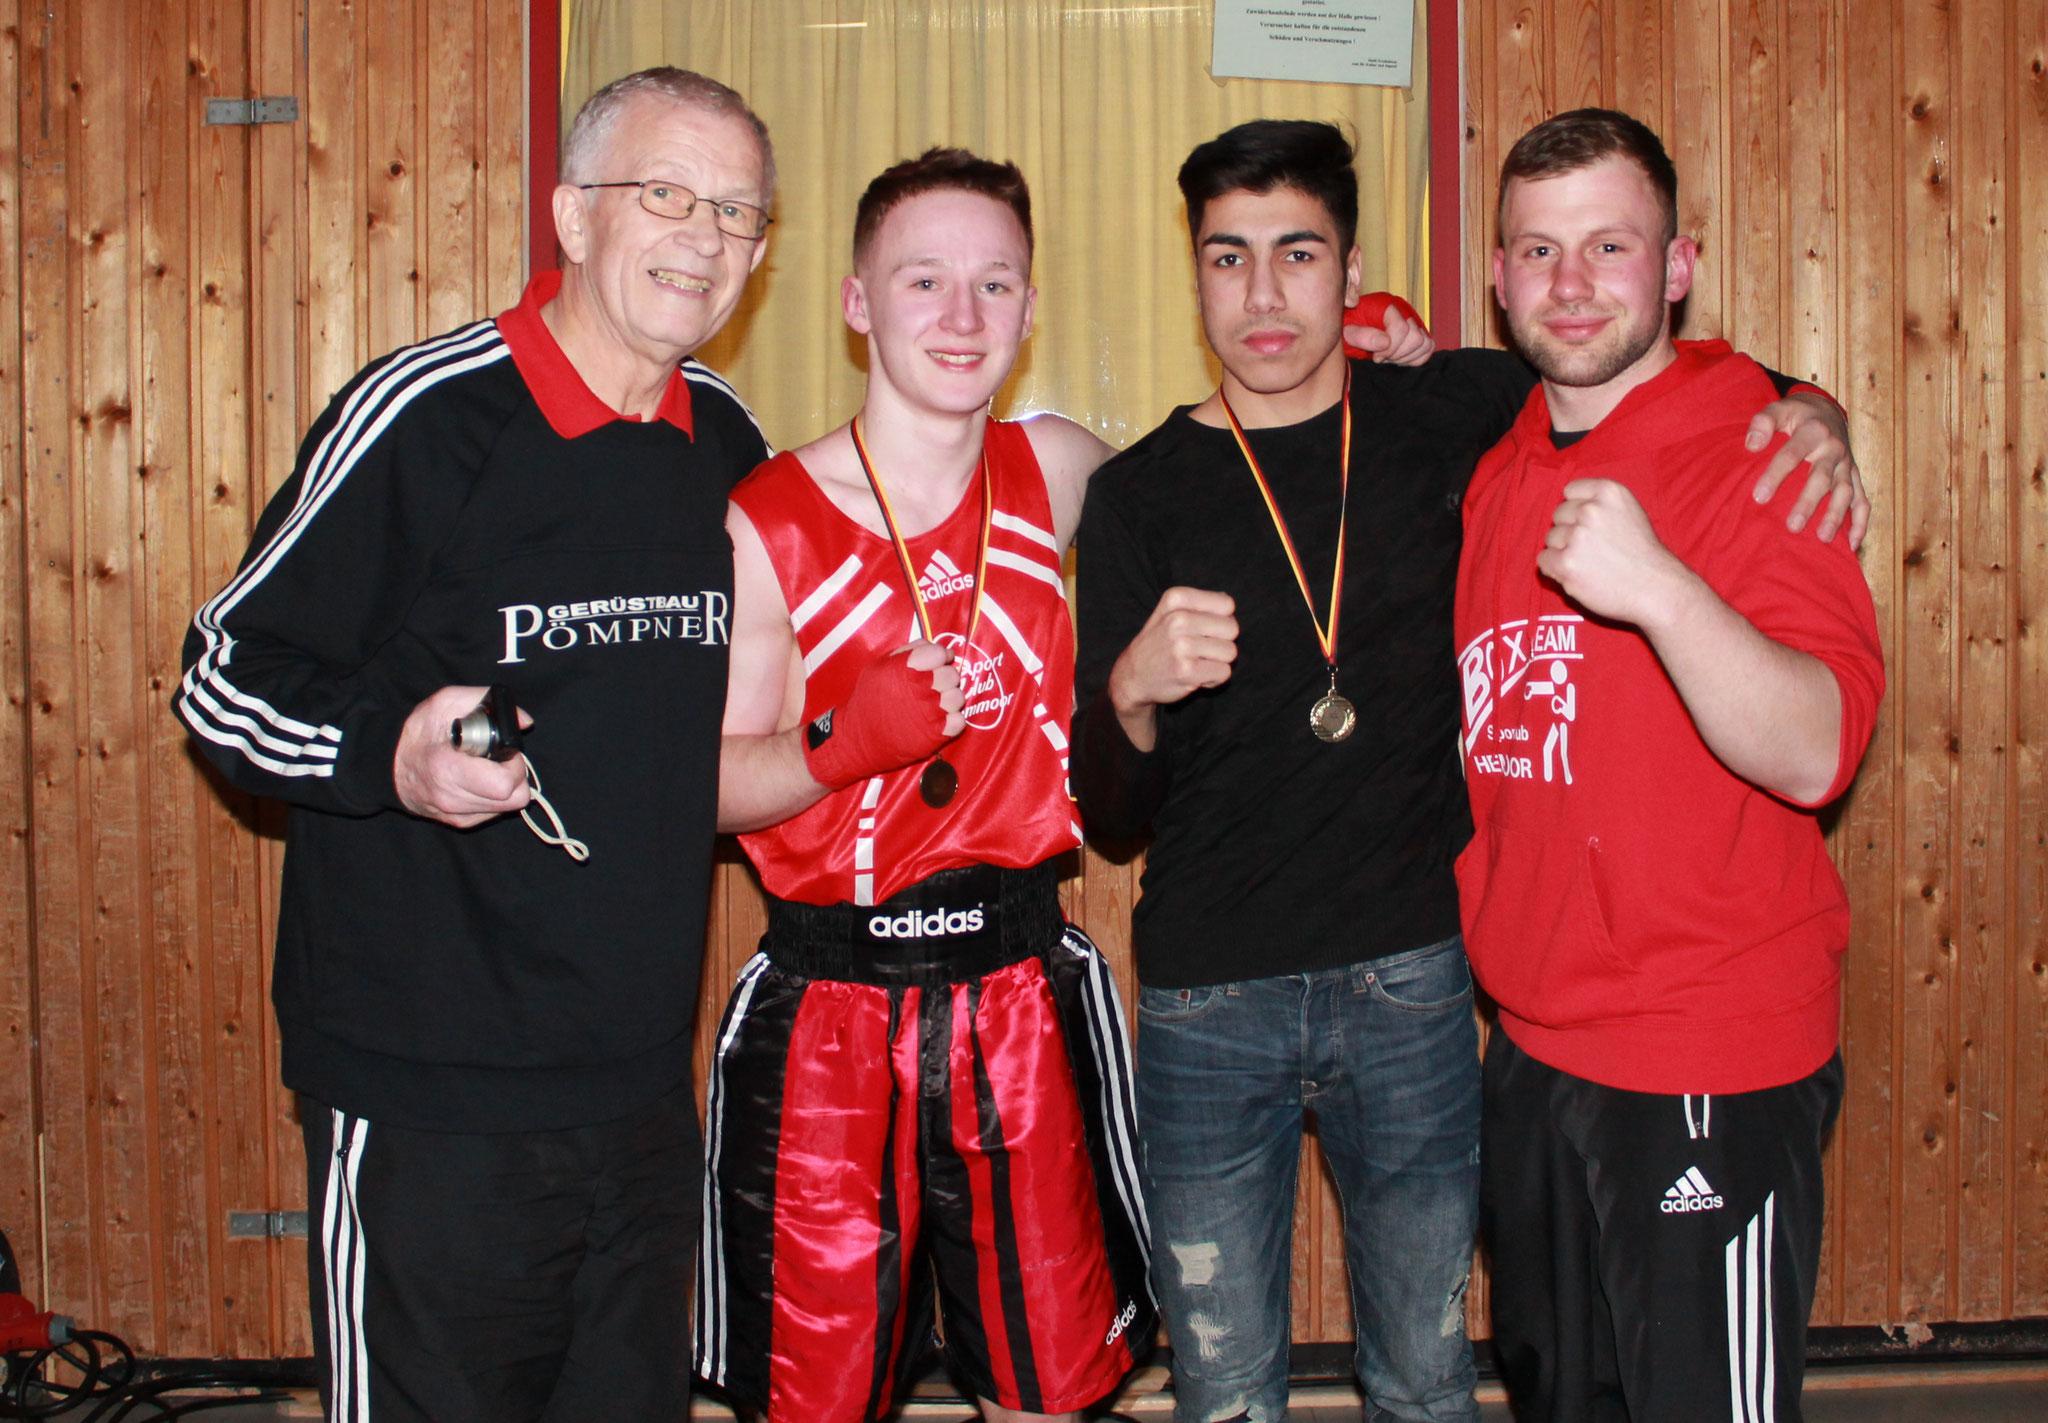 v.l.: Trainer u. Abteilungsleiter Siegfried Stinski, die Weser-Ems-Meister Menal Topcu und Ilja Cistjakovs, Co-Trainer Nico Grüner.